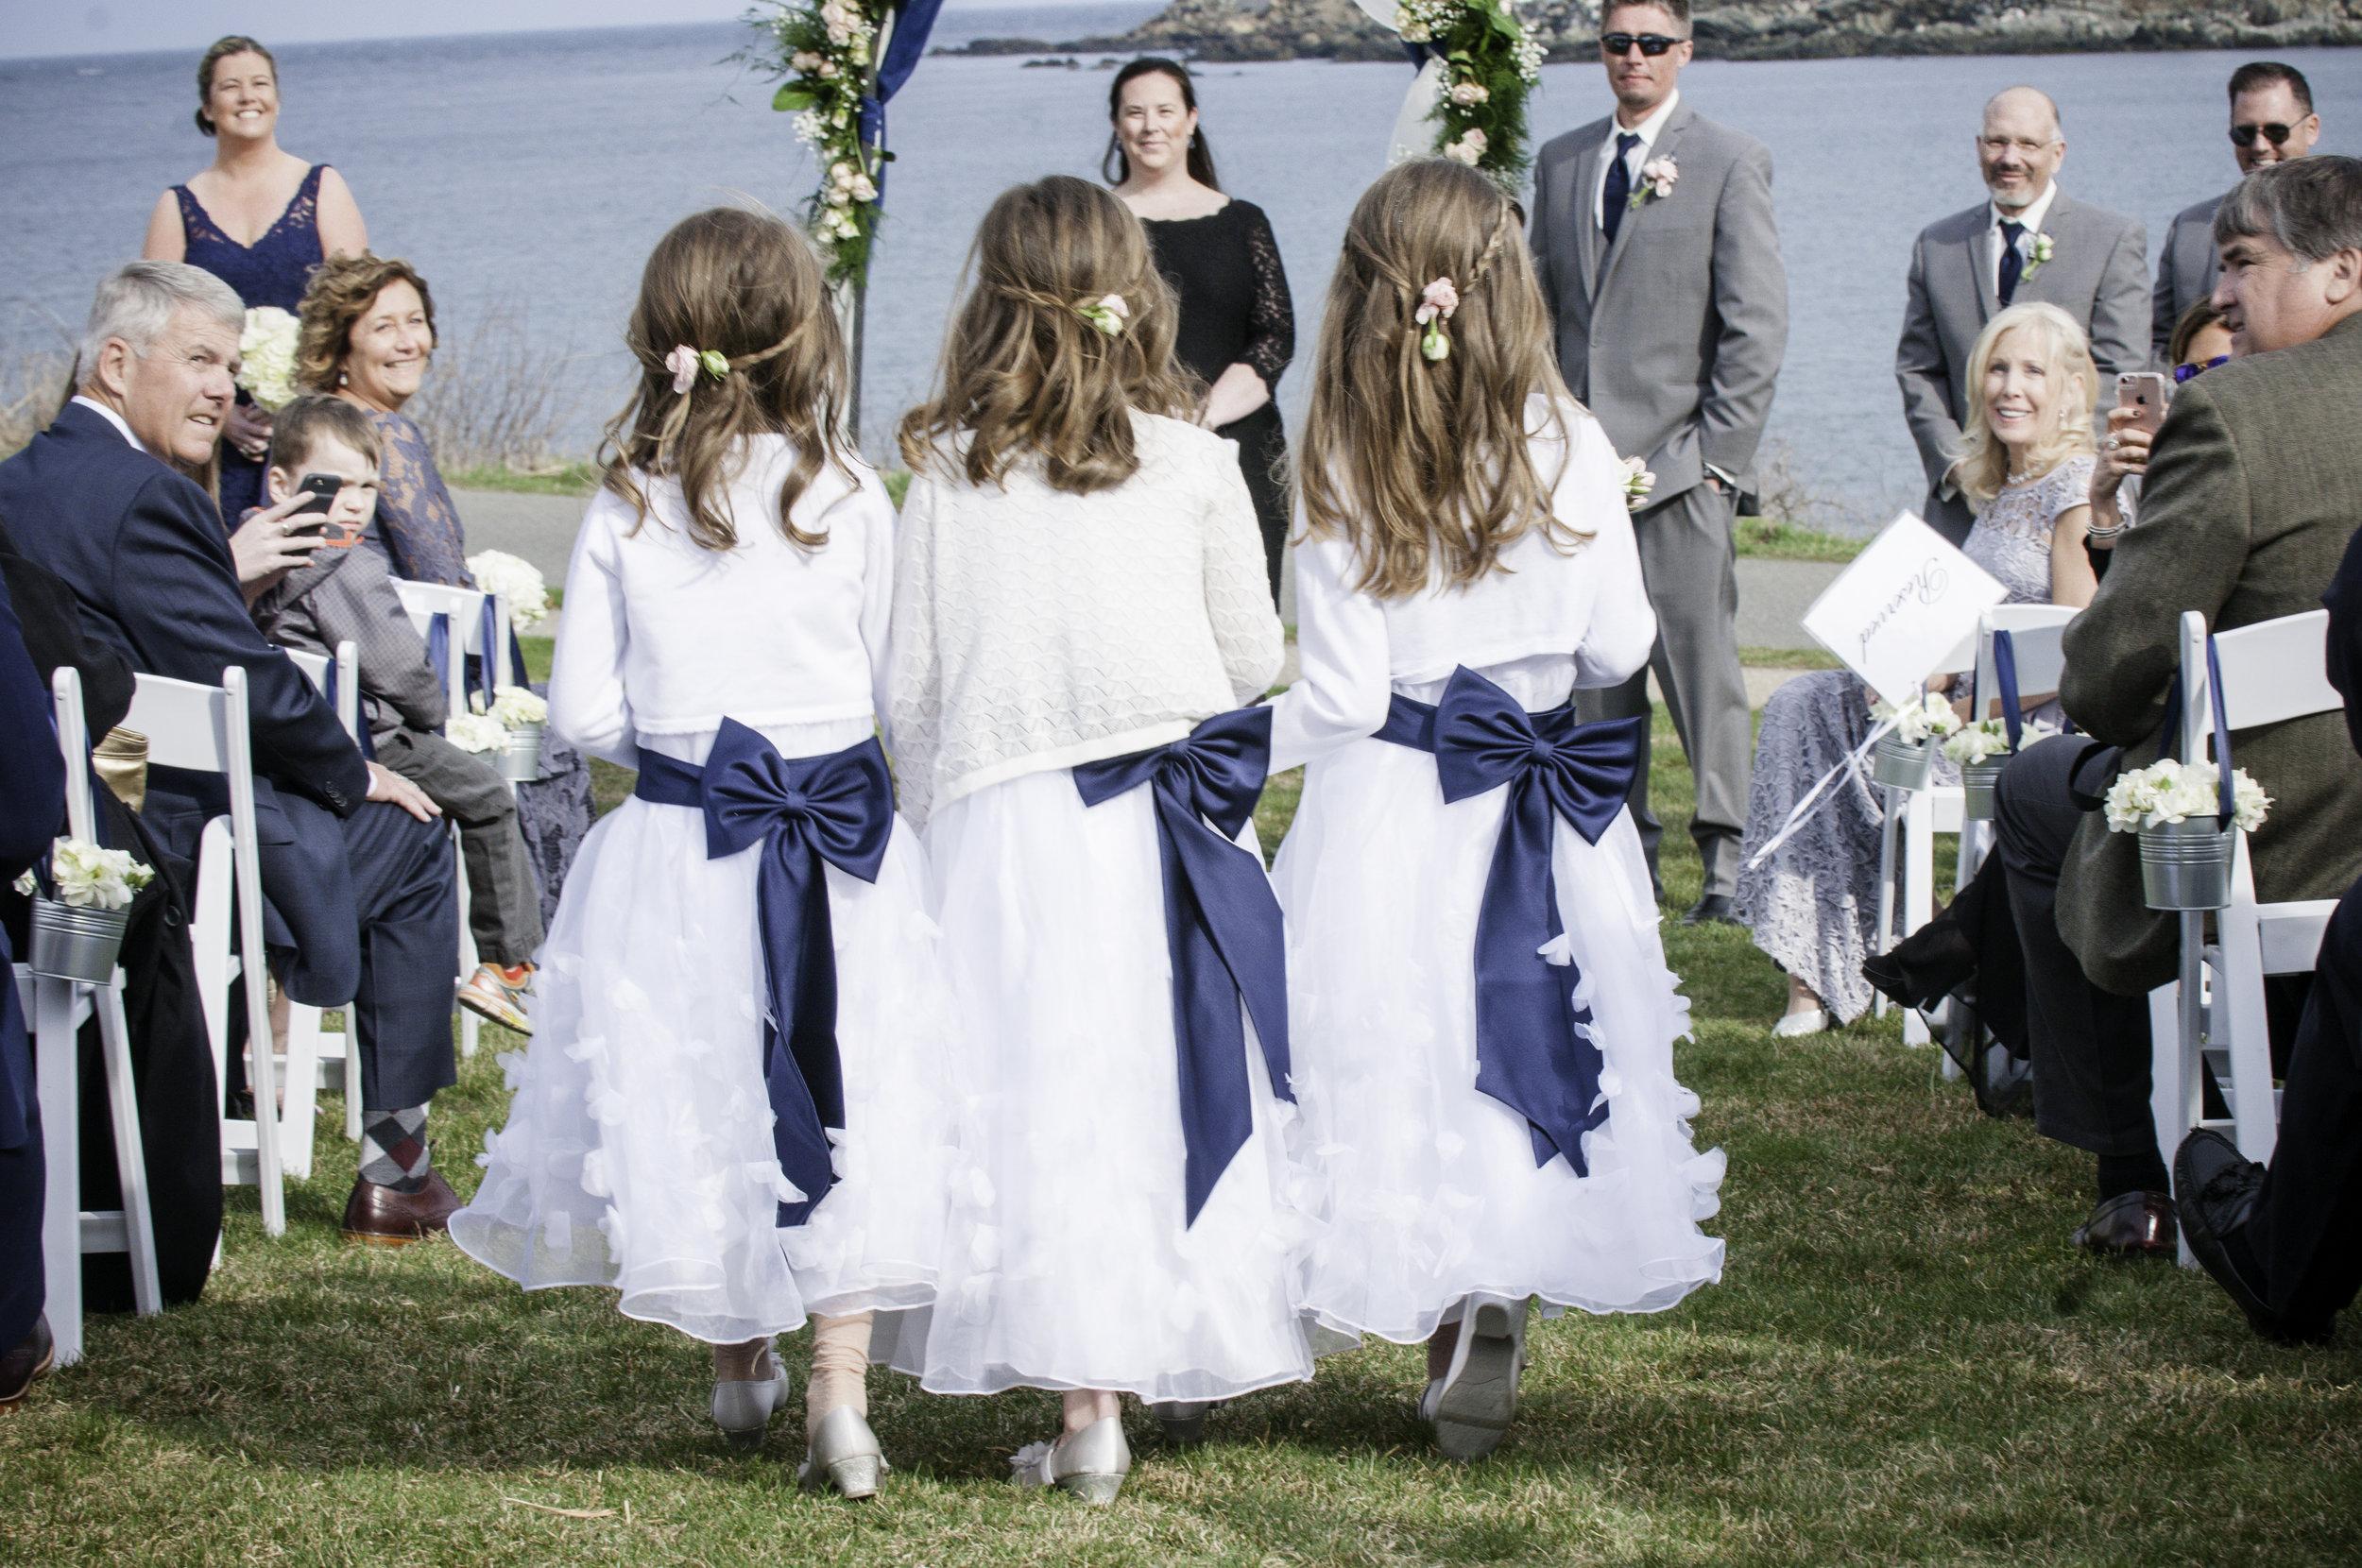 YORK MAINE WEDDING NAUTICAL FLOWER GIRLS